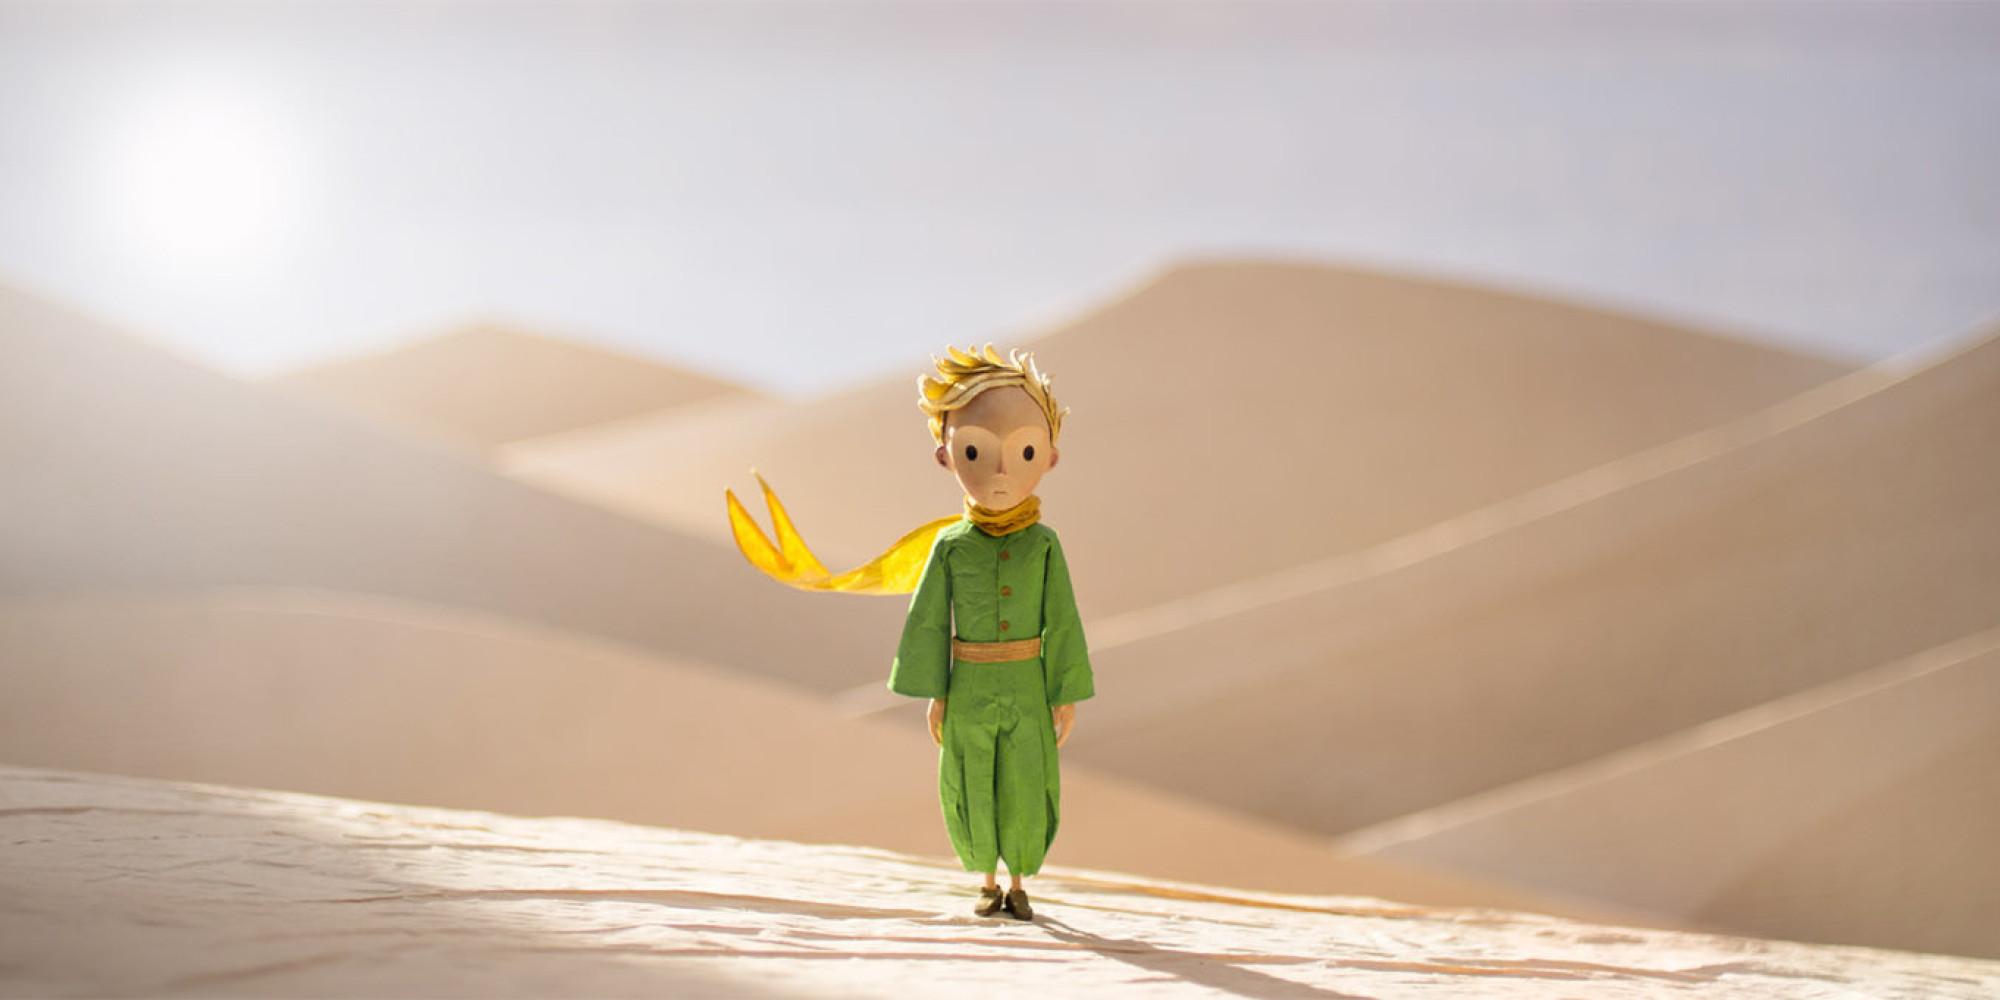 El Principito fondos, The Little Prince wallpapers hd